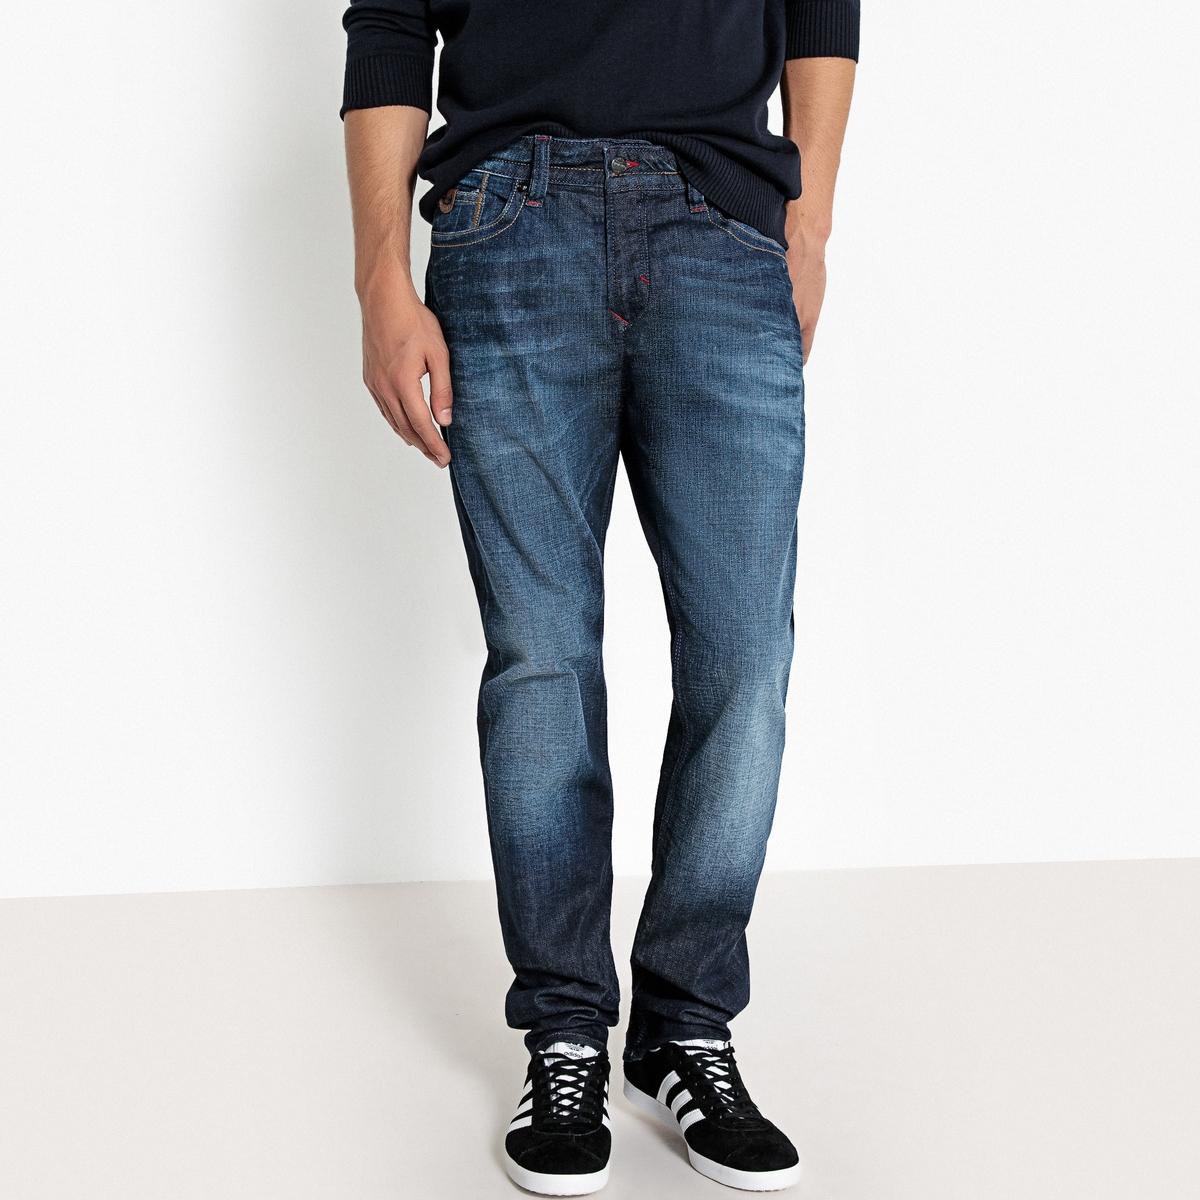 Джинсы прямые с рваным эффектом Broz джинсы прямые gen